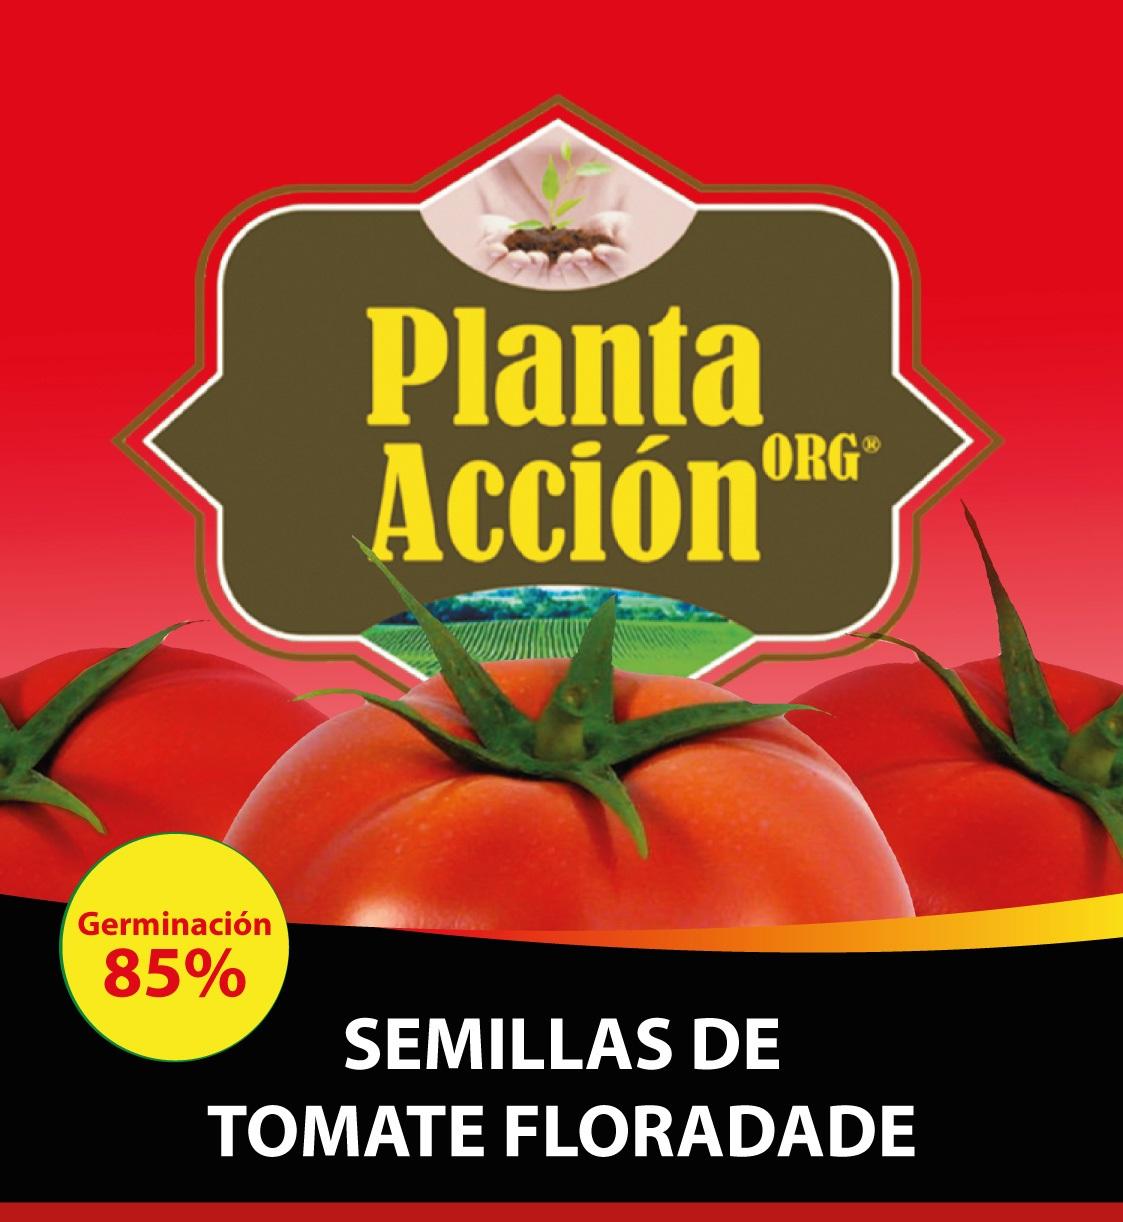 SEMILLAS DE TOMATE FLORADADE